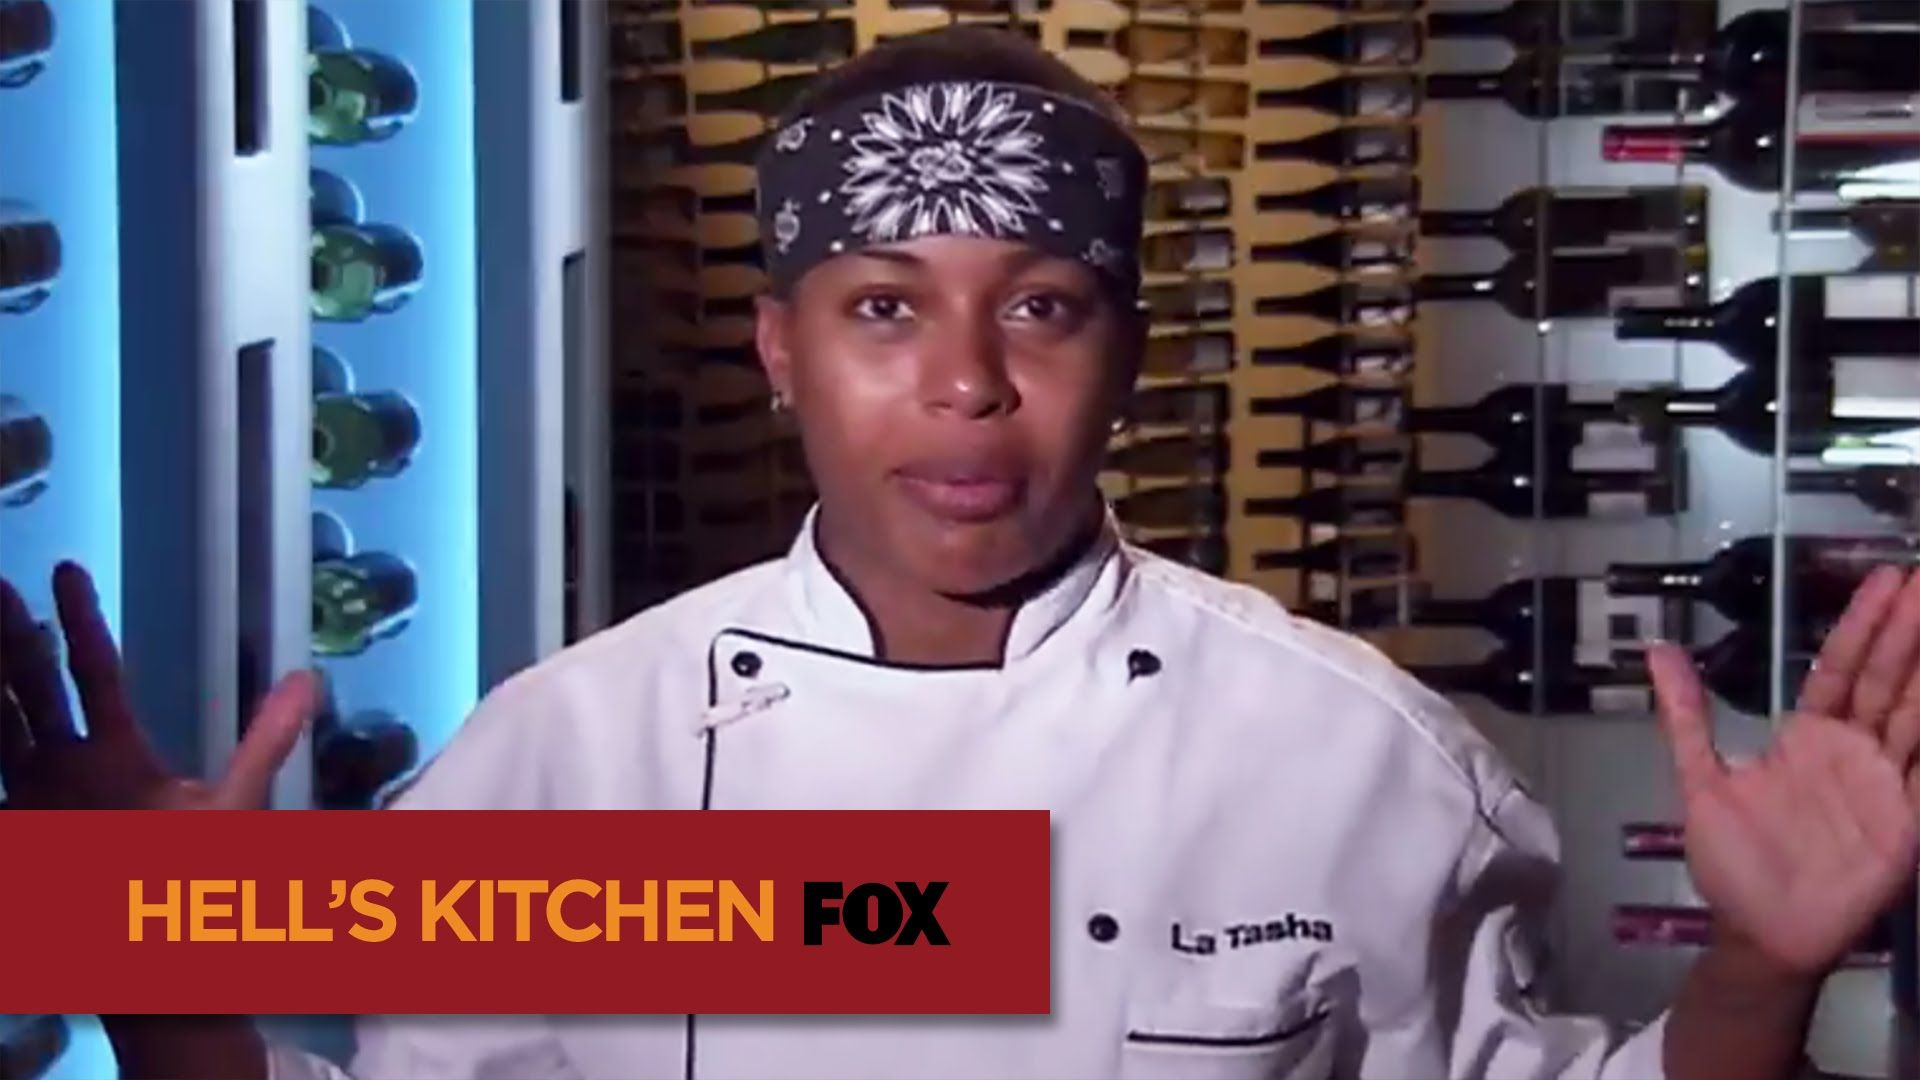 hells kitchen fox broadcasting - Hells Kitchen Fox